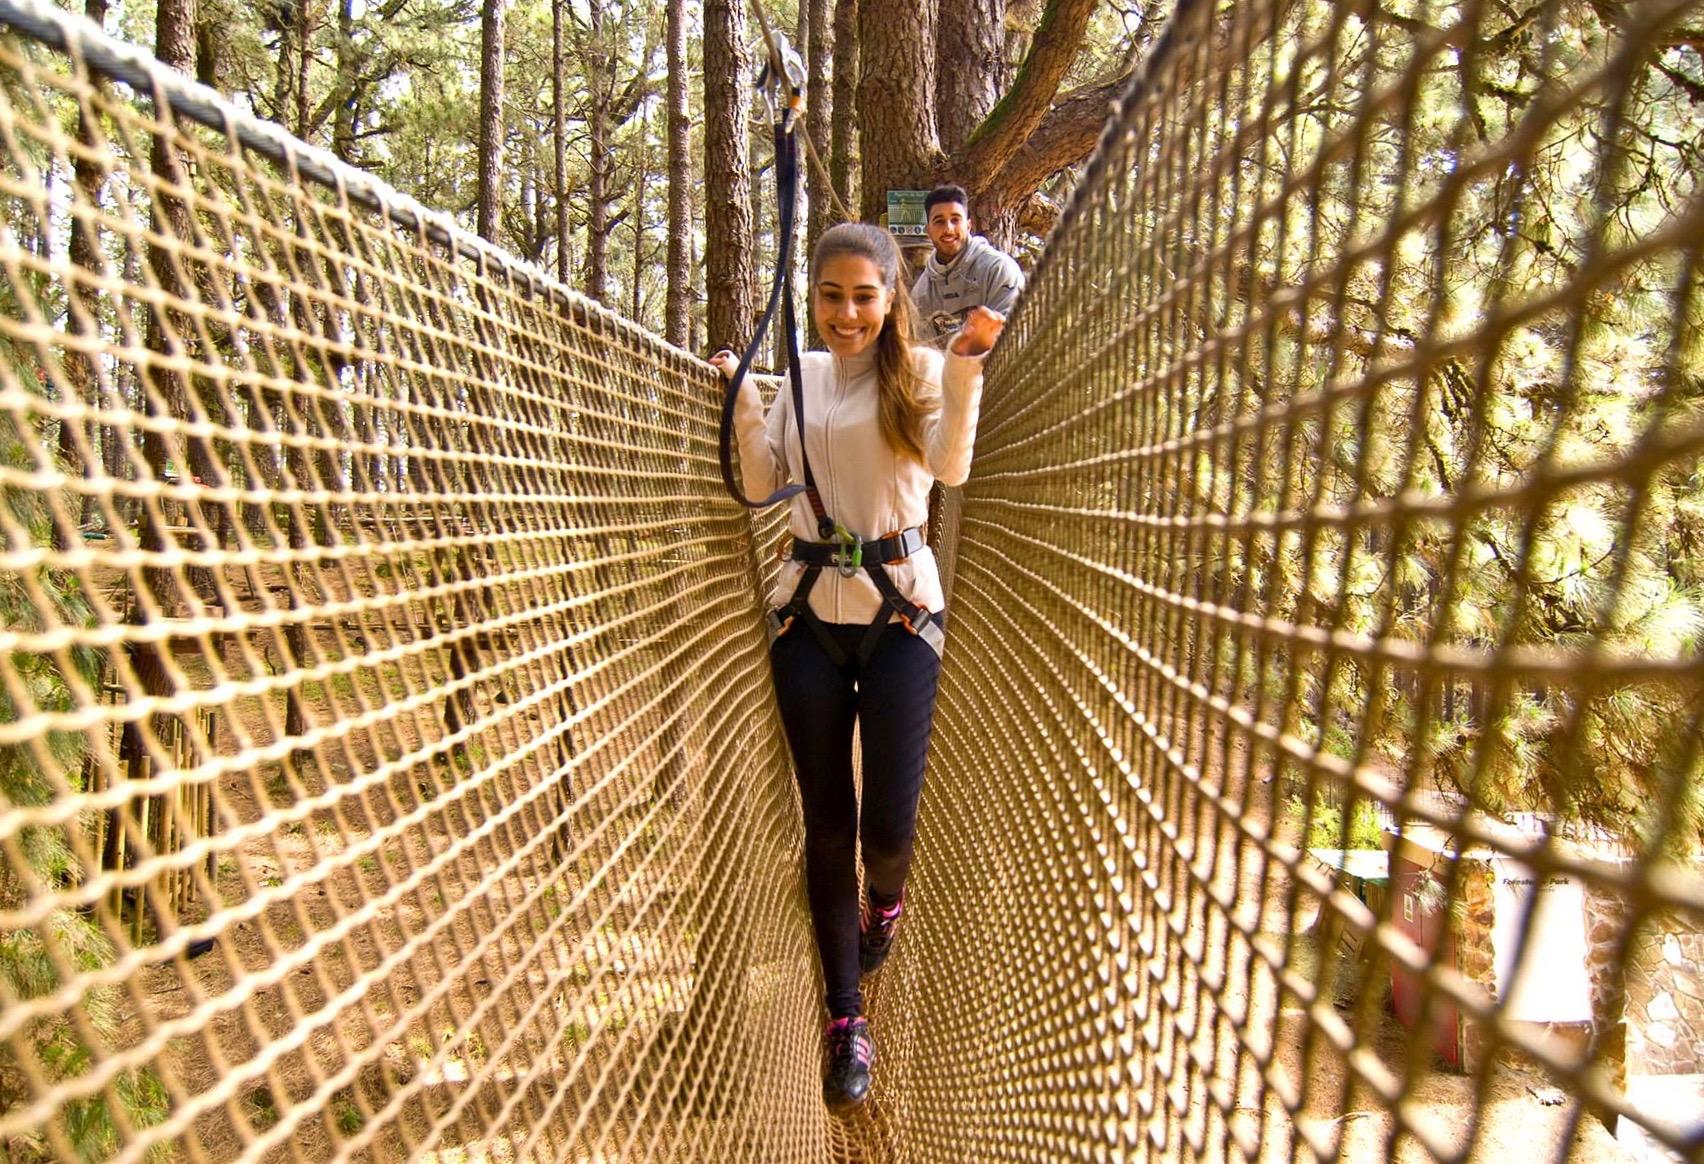 Una niña sonriendo mientras cruza una red de obstáculos al aire libre